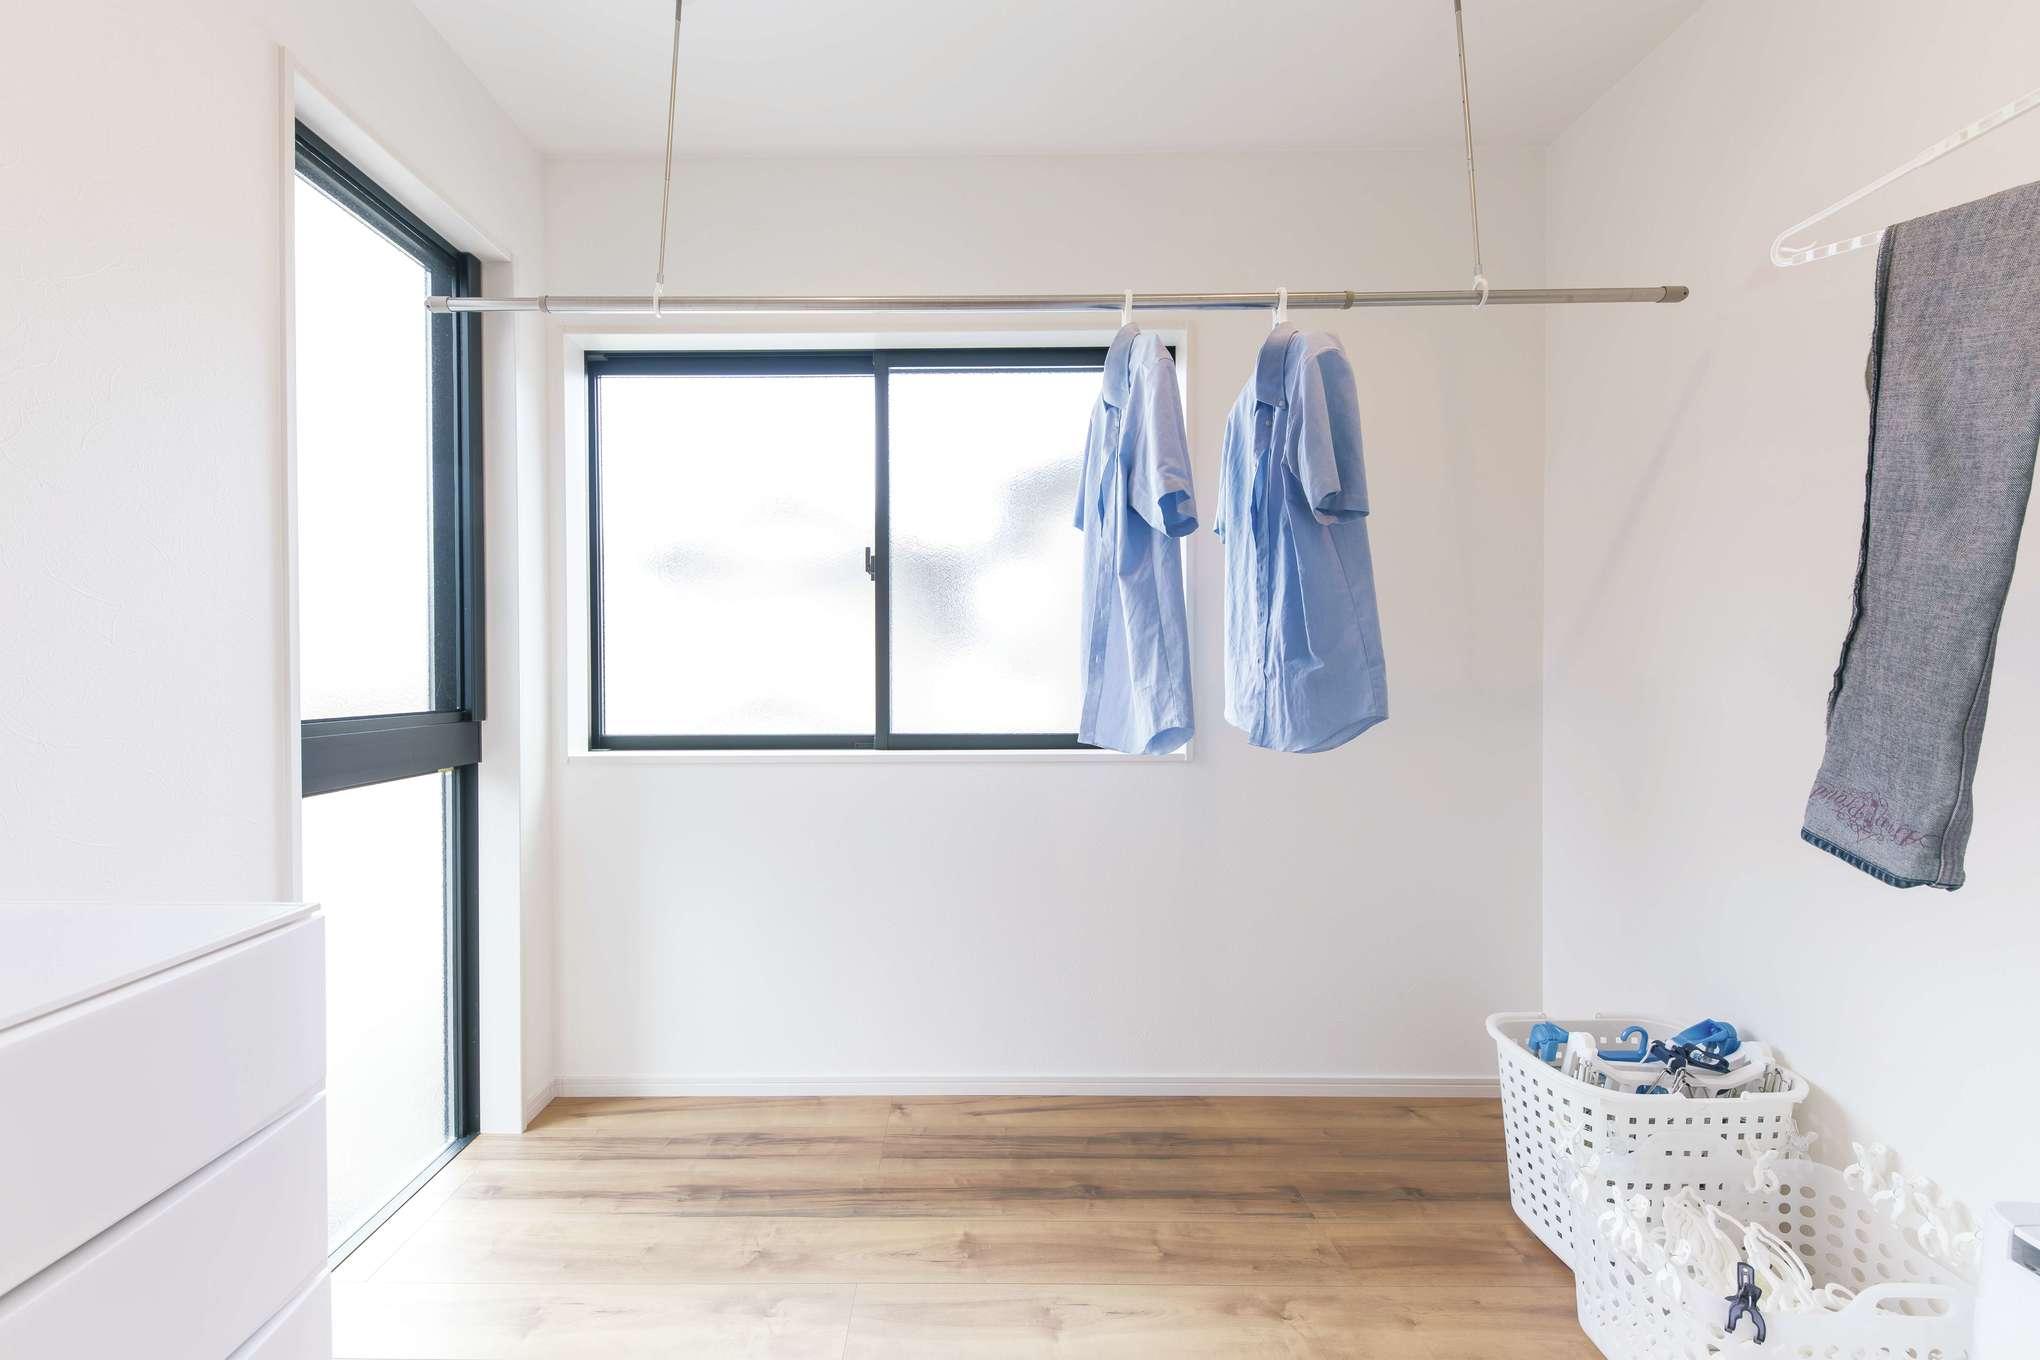 甲静ハウジング【子育て、収納力、狭小住宅】室内物干しスペースは、洗面所とキッチンに隣接。家事動線も便利